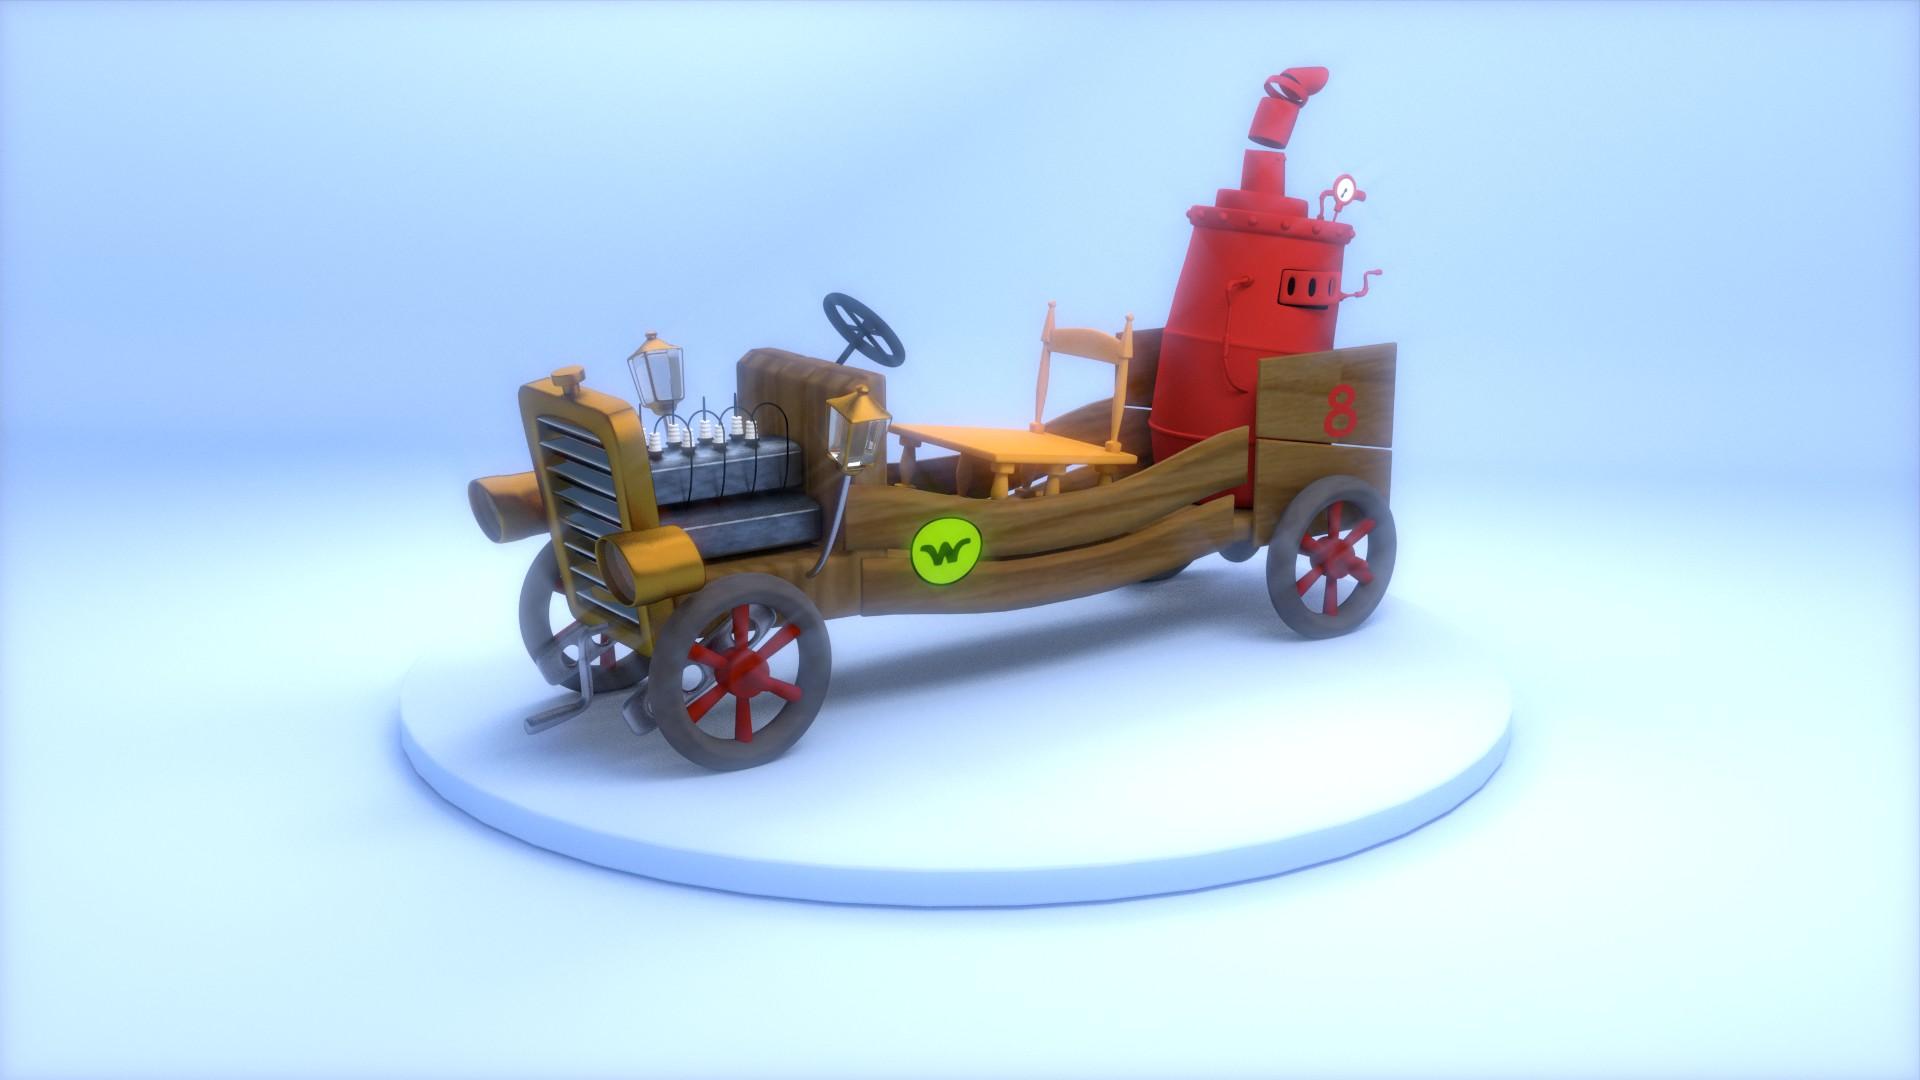 Los autos locos wacky races soliman-08-el_alambique_veloz.jpg